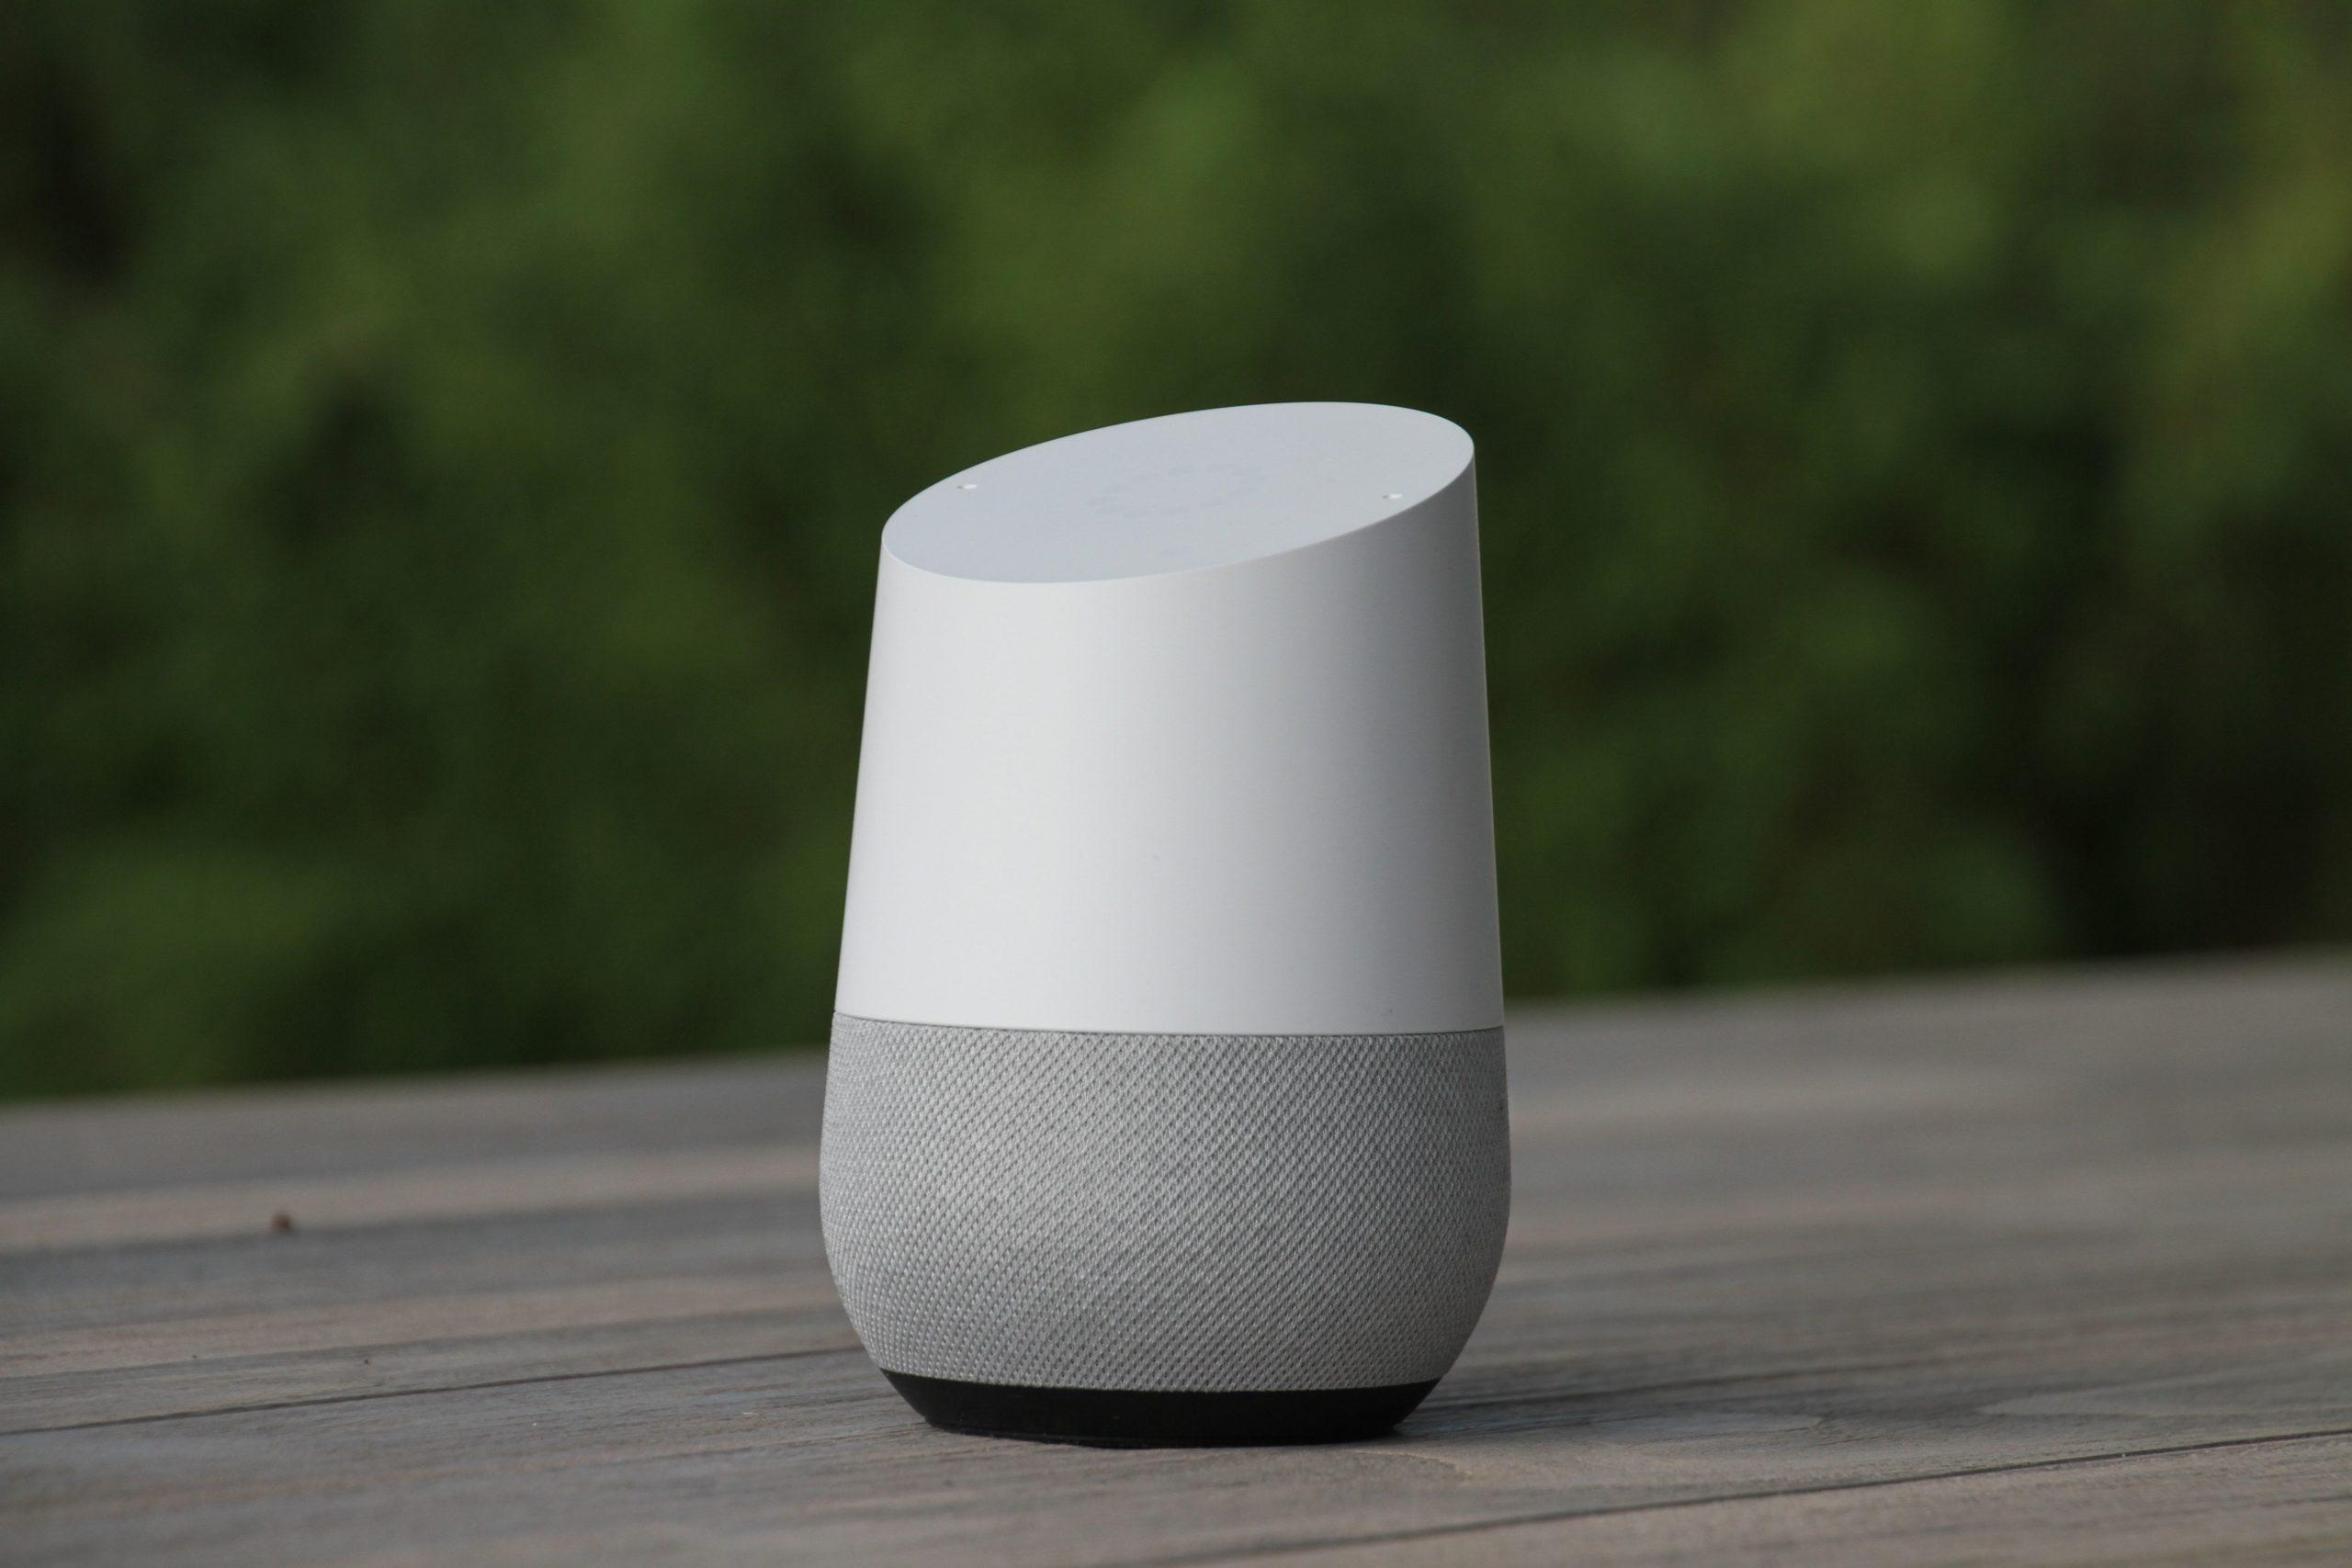 Image de Google Home, example de recherches vocales sur Google